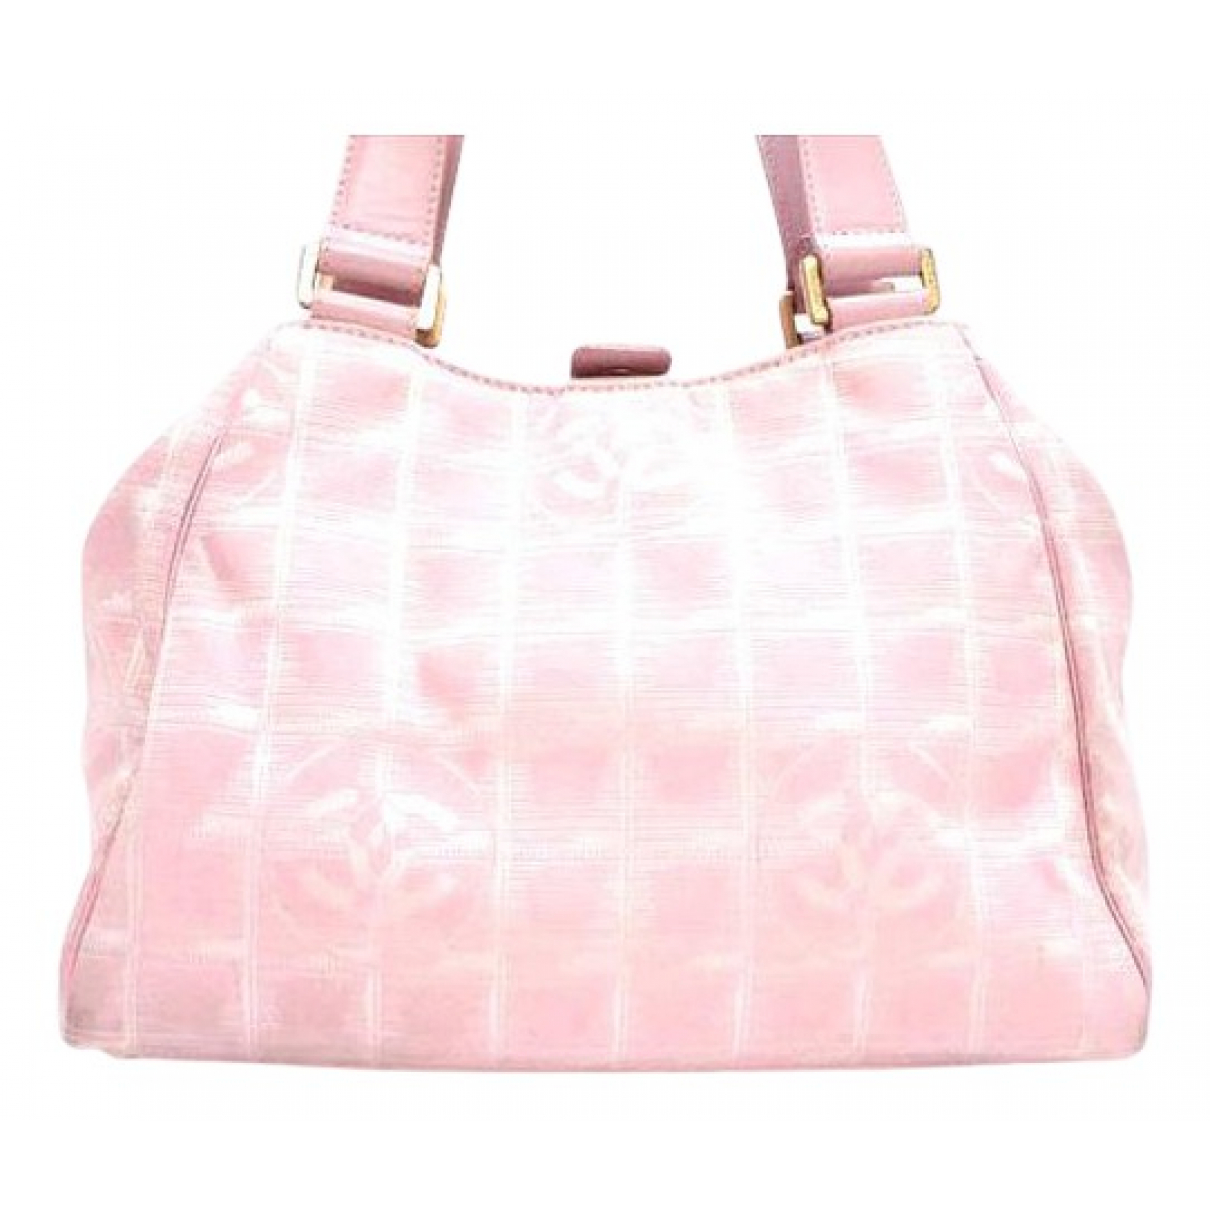 Chanel \N Handtasche in  Rosa Leinen